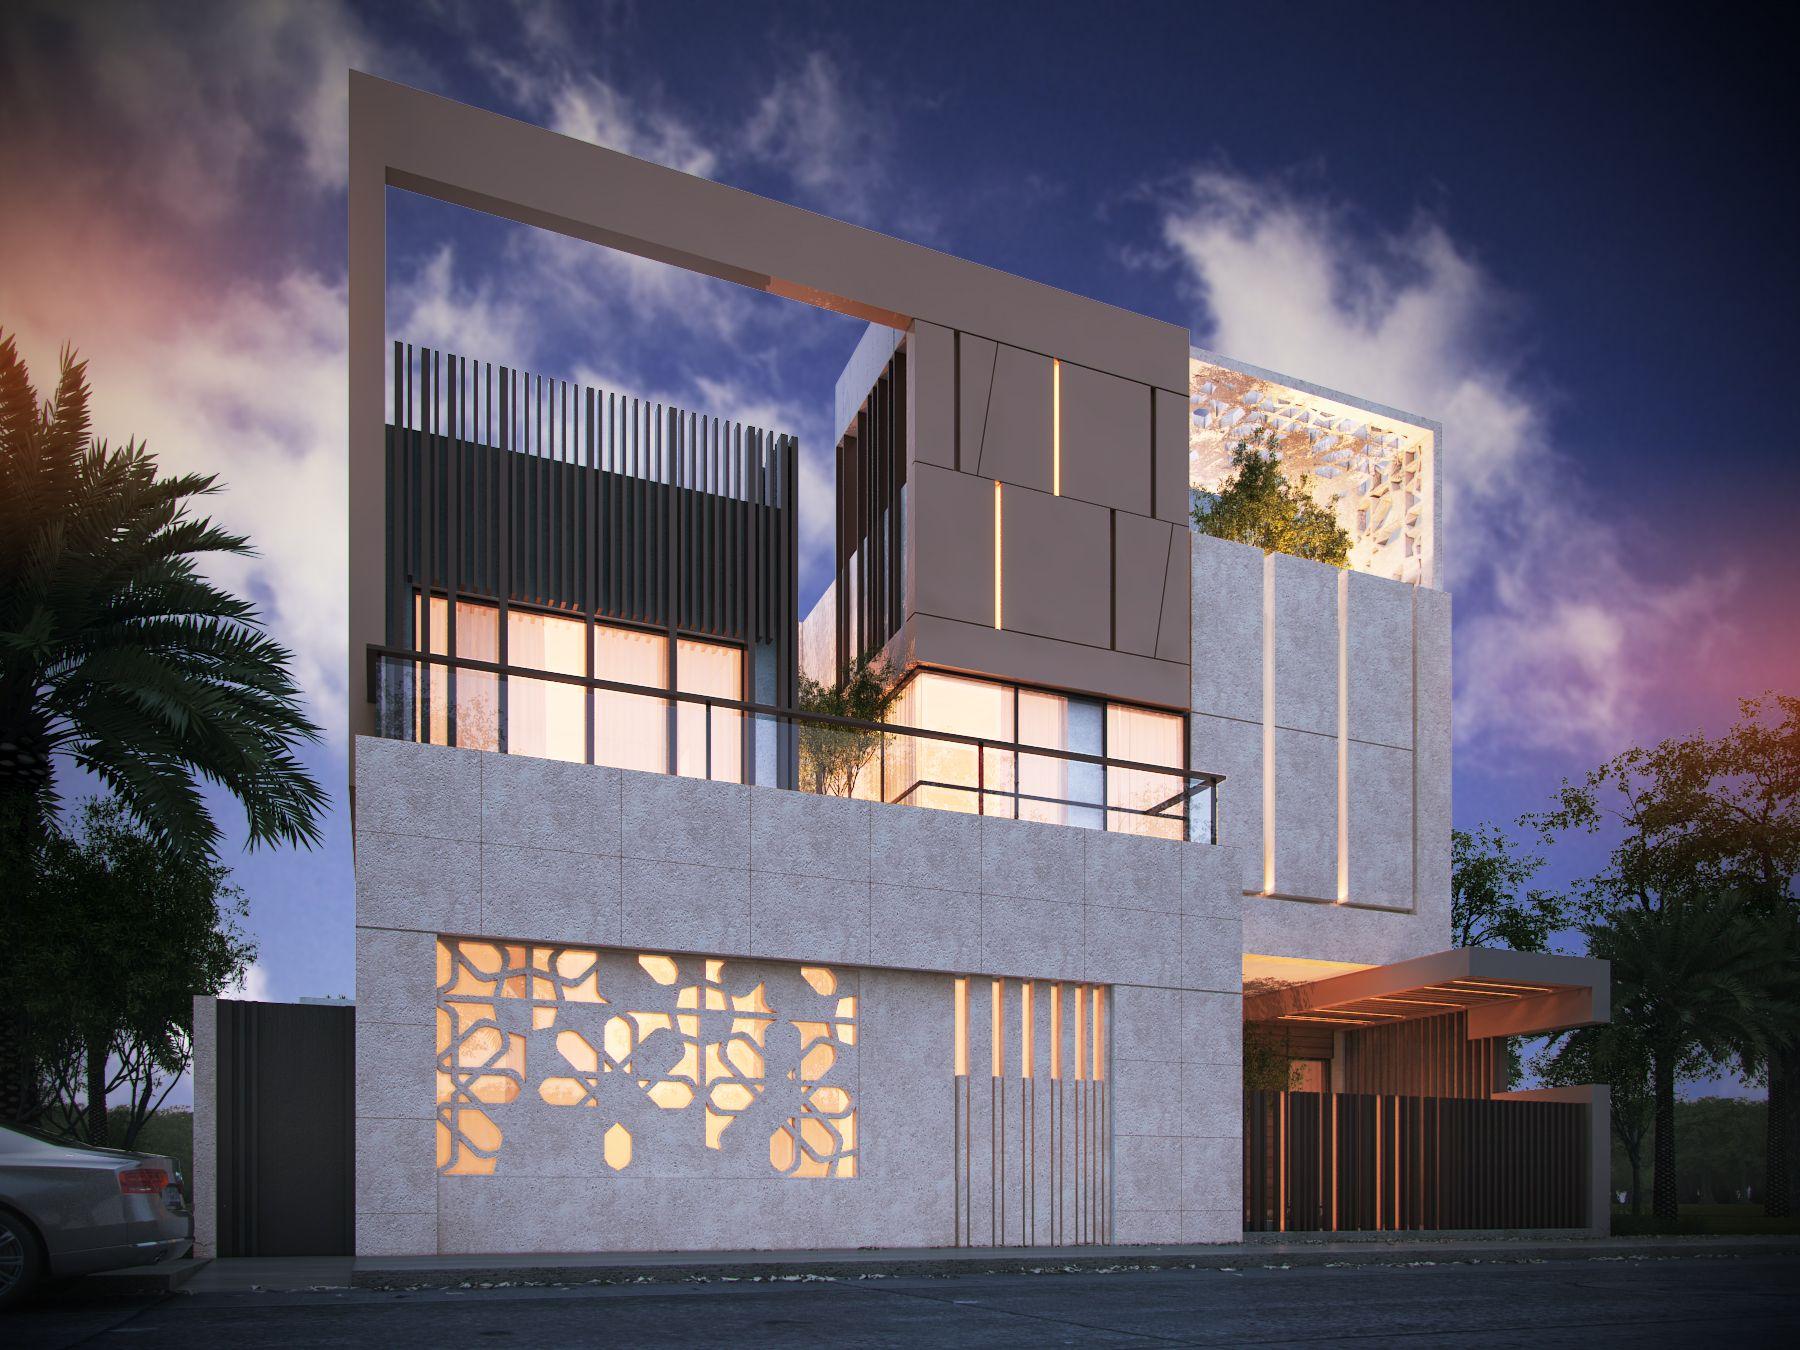 Award winning house at kk nagar chennai designed by ansari architects - 600 M Private Villa Kuwait Sarah Sadeq Architects